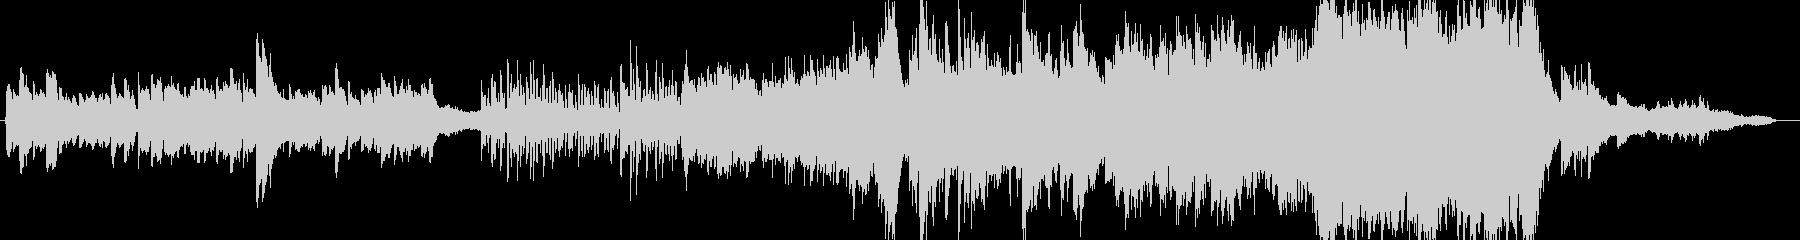 ピアノ奏でる感動的なエンディング風BGMの未再生の波形